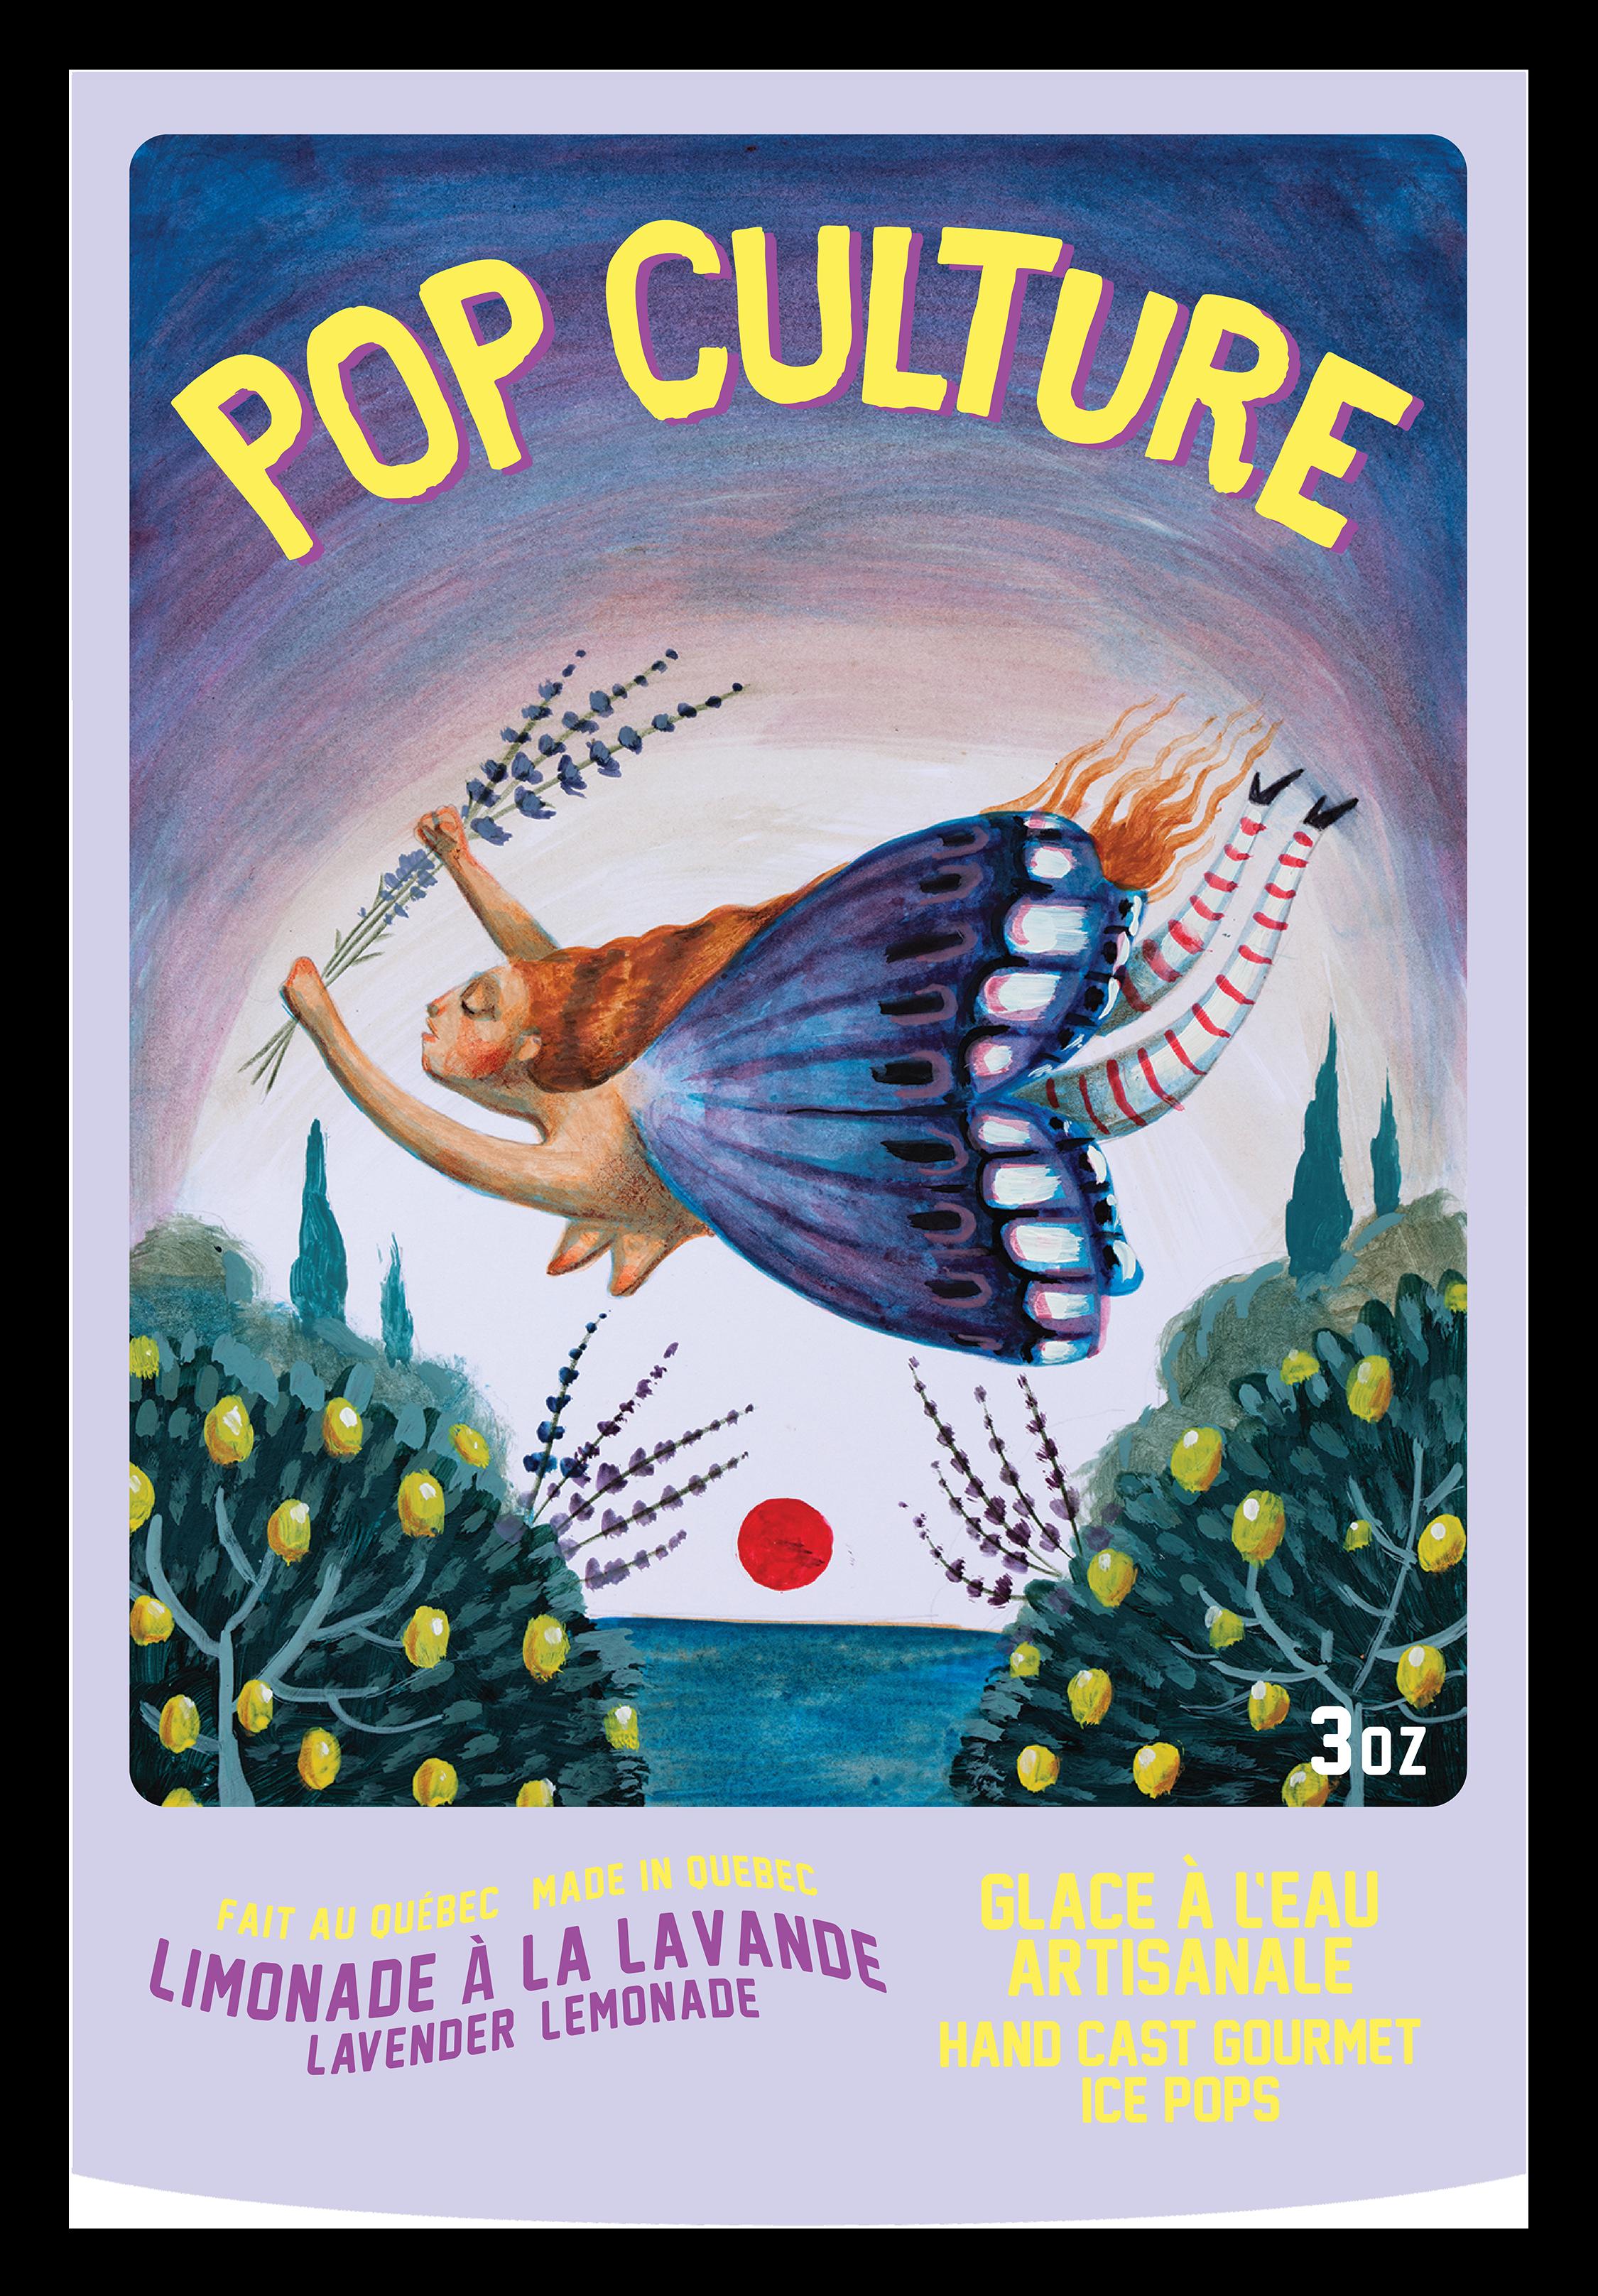 Pop Culture: Popsicle label design